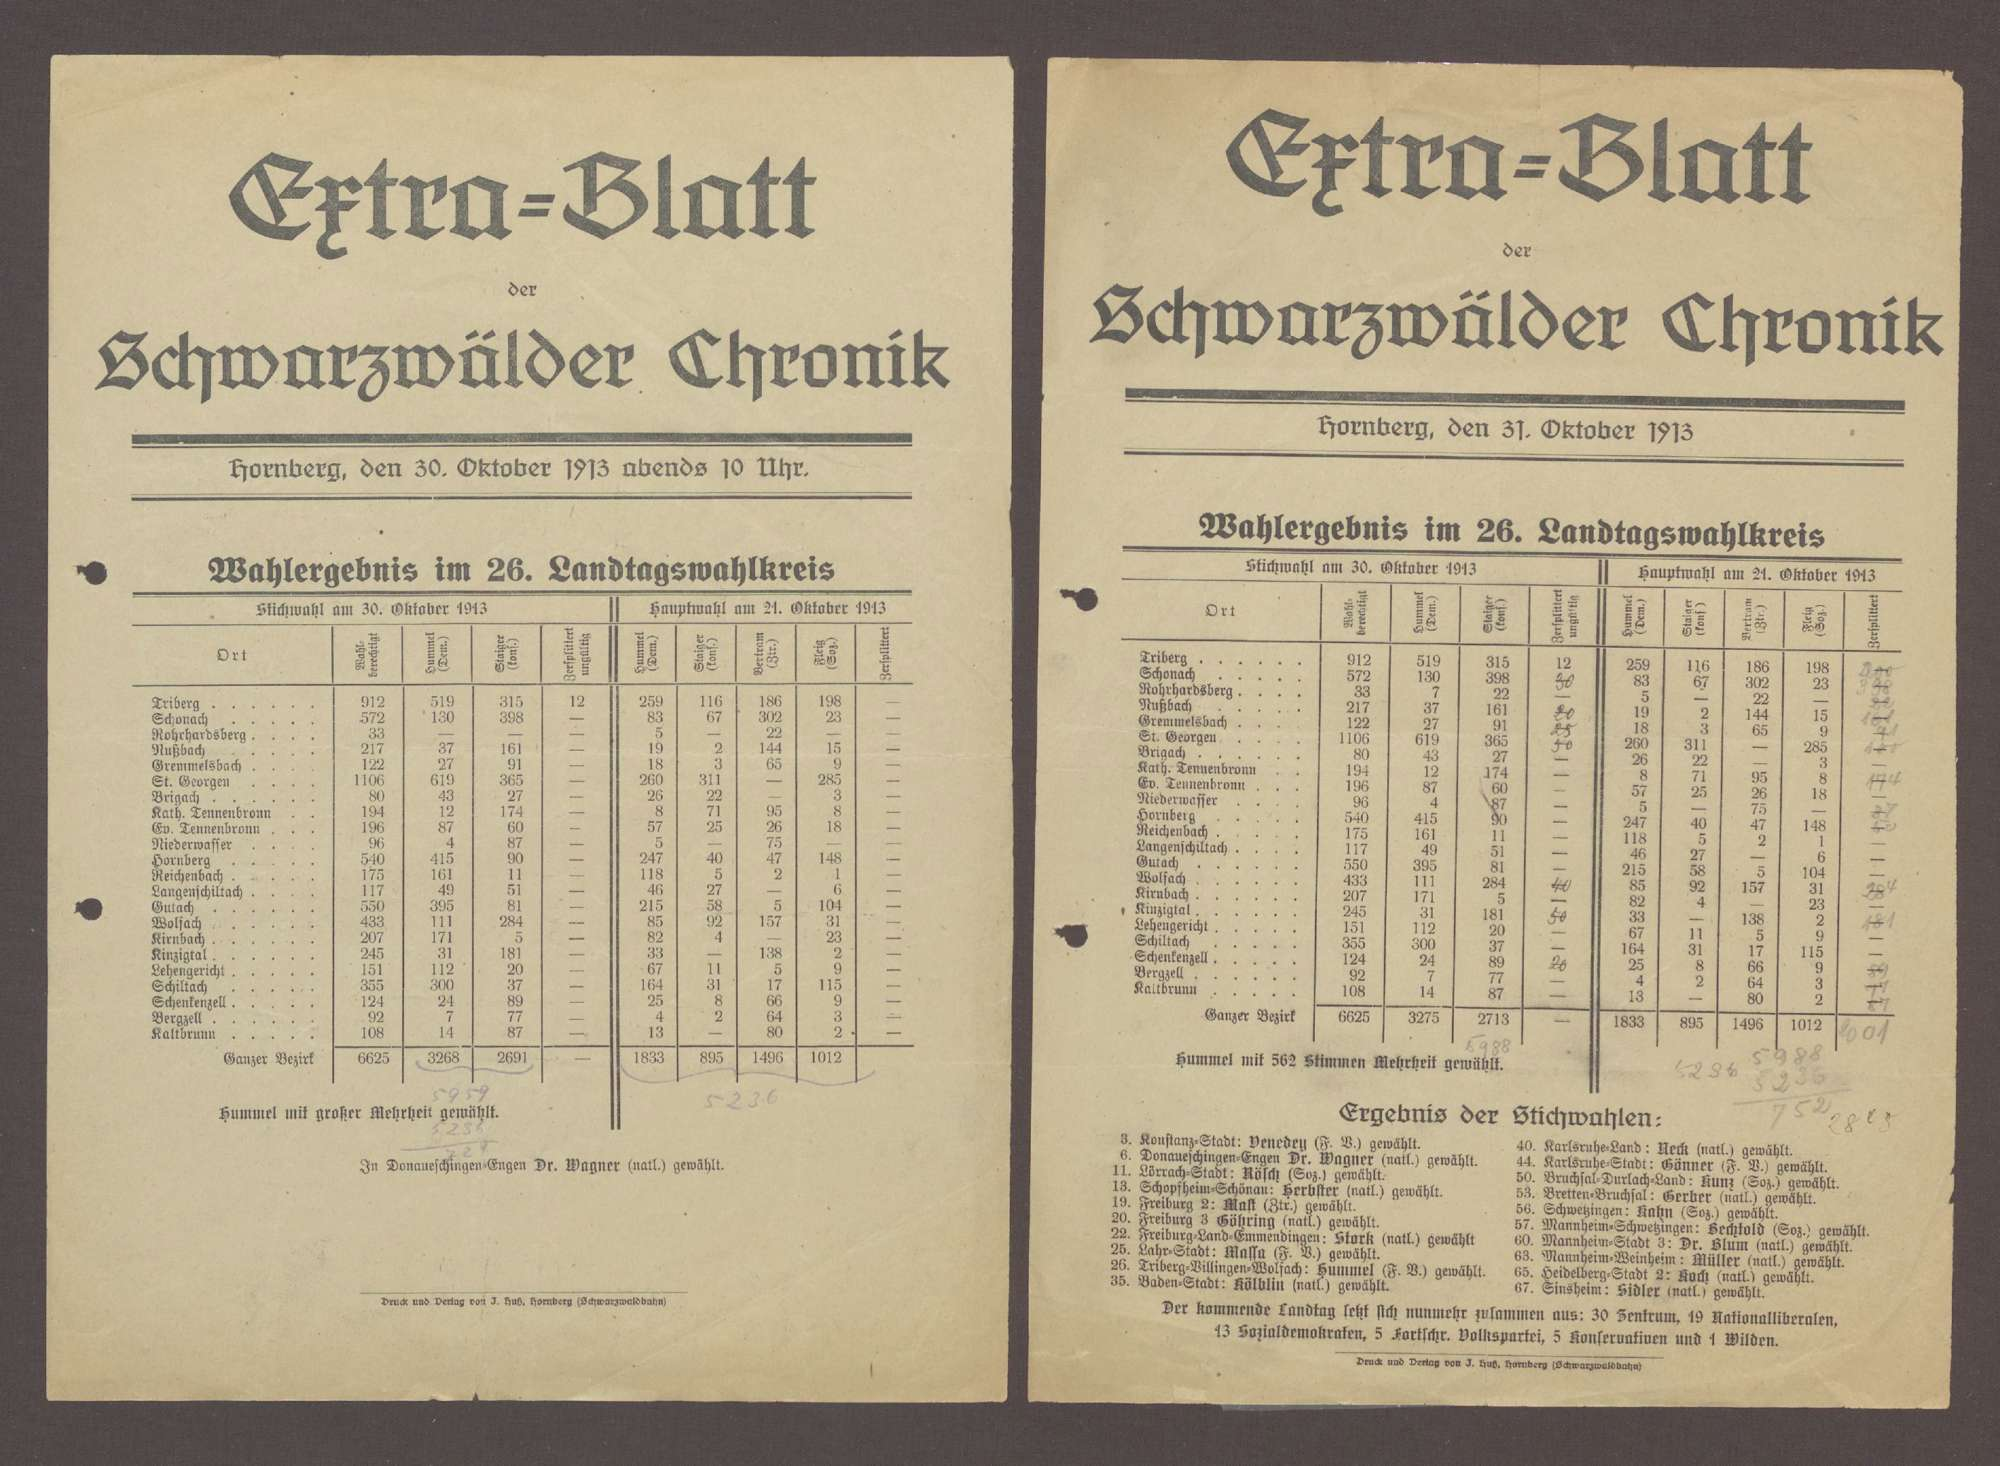 Schwarzwälder Chronik, Extrablatt, Wahlergebnis des 26. Wahlkreises, Bild 1